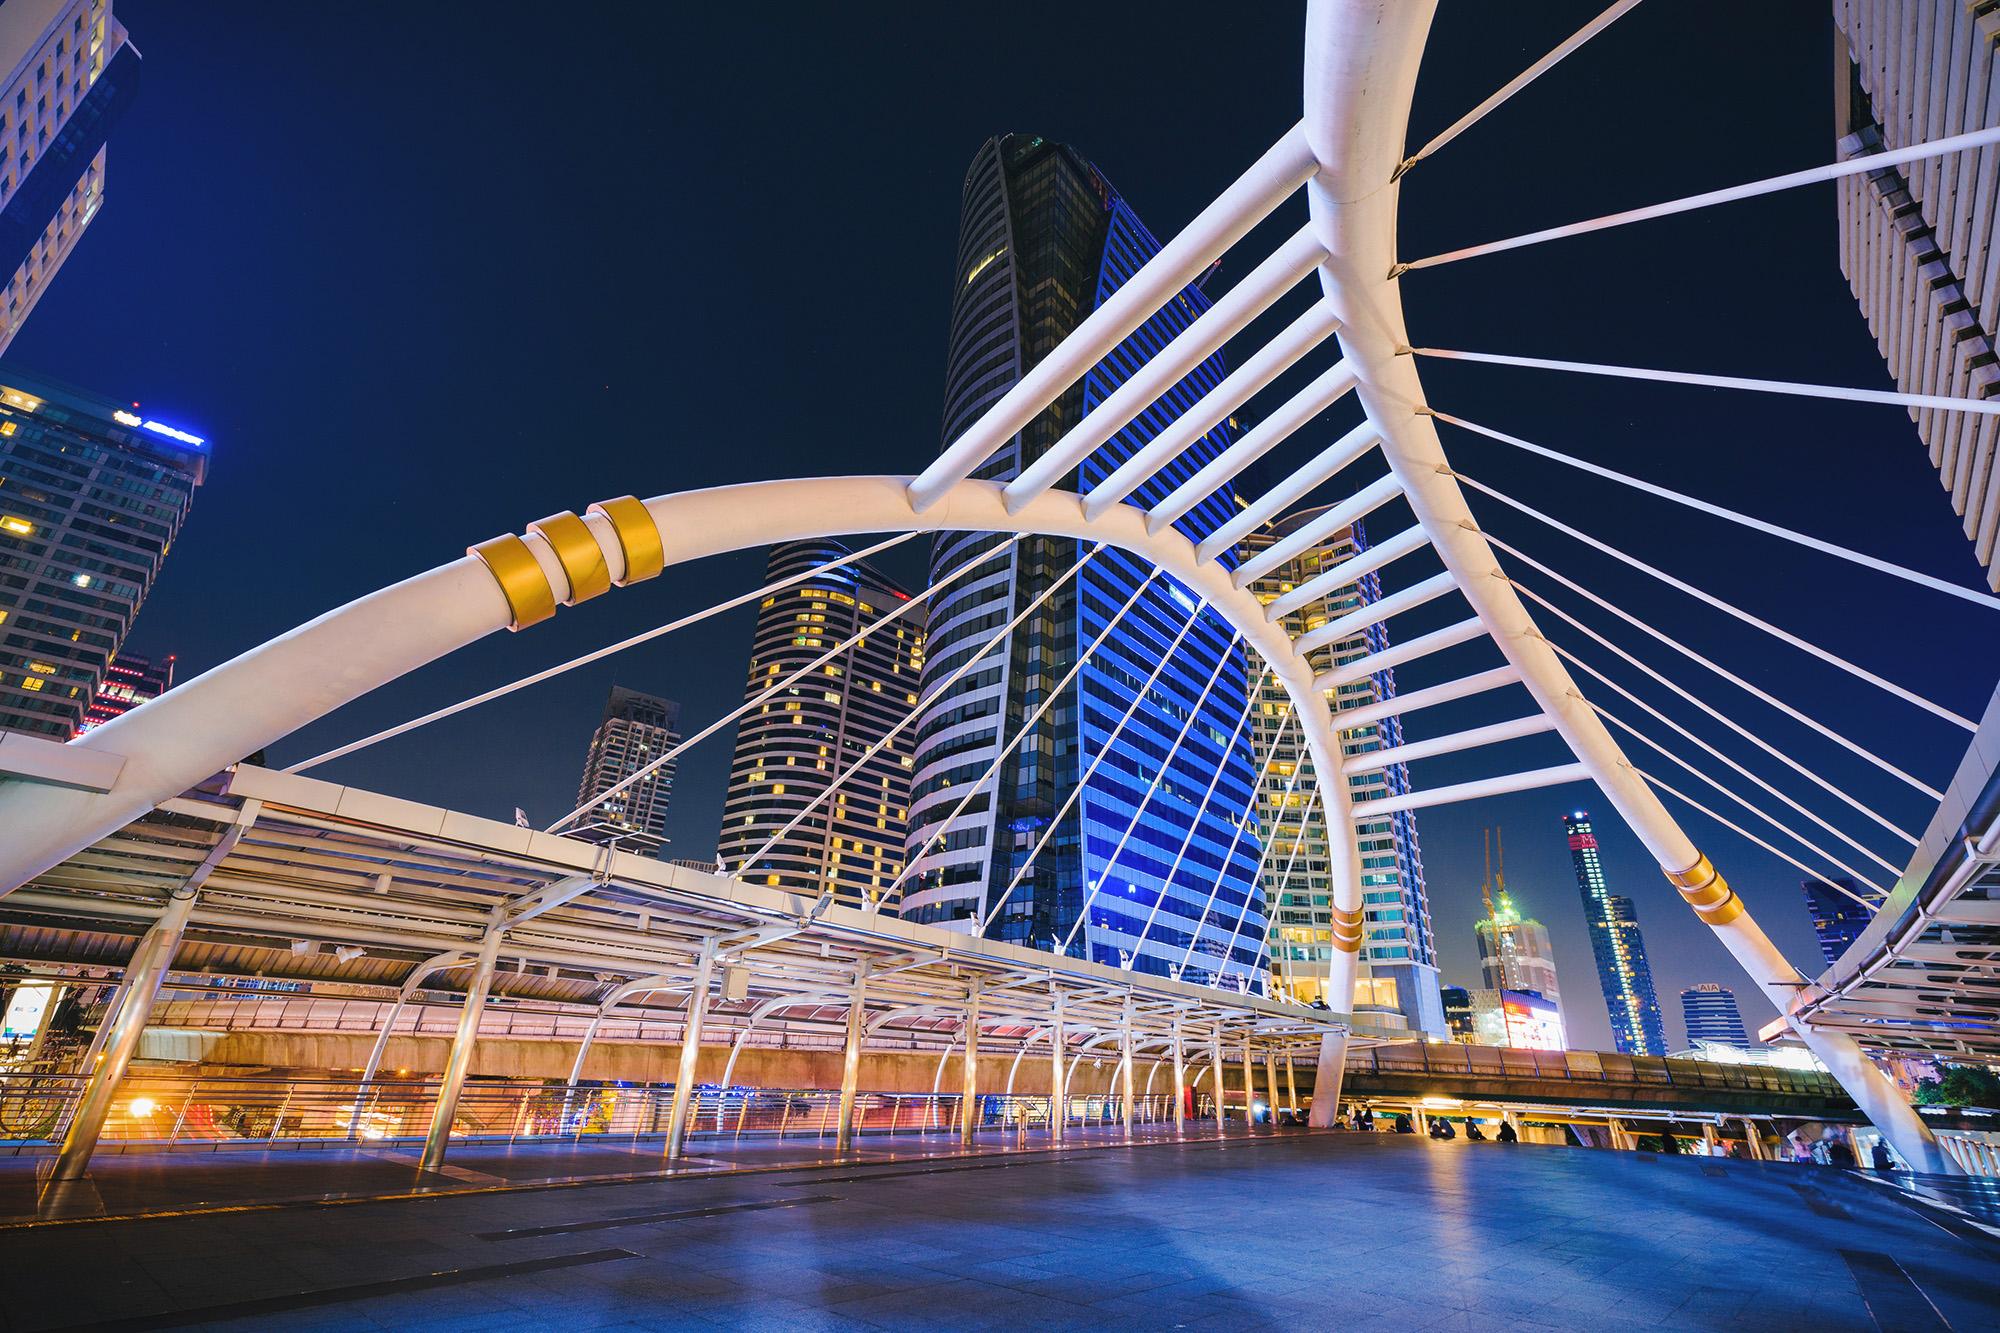 Night time view of Chong Nonsi Pedestrian Bridge.